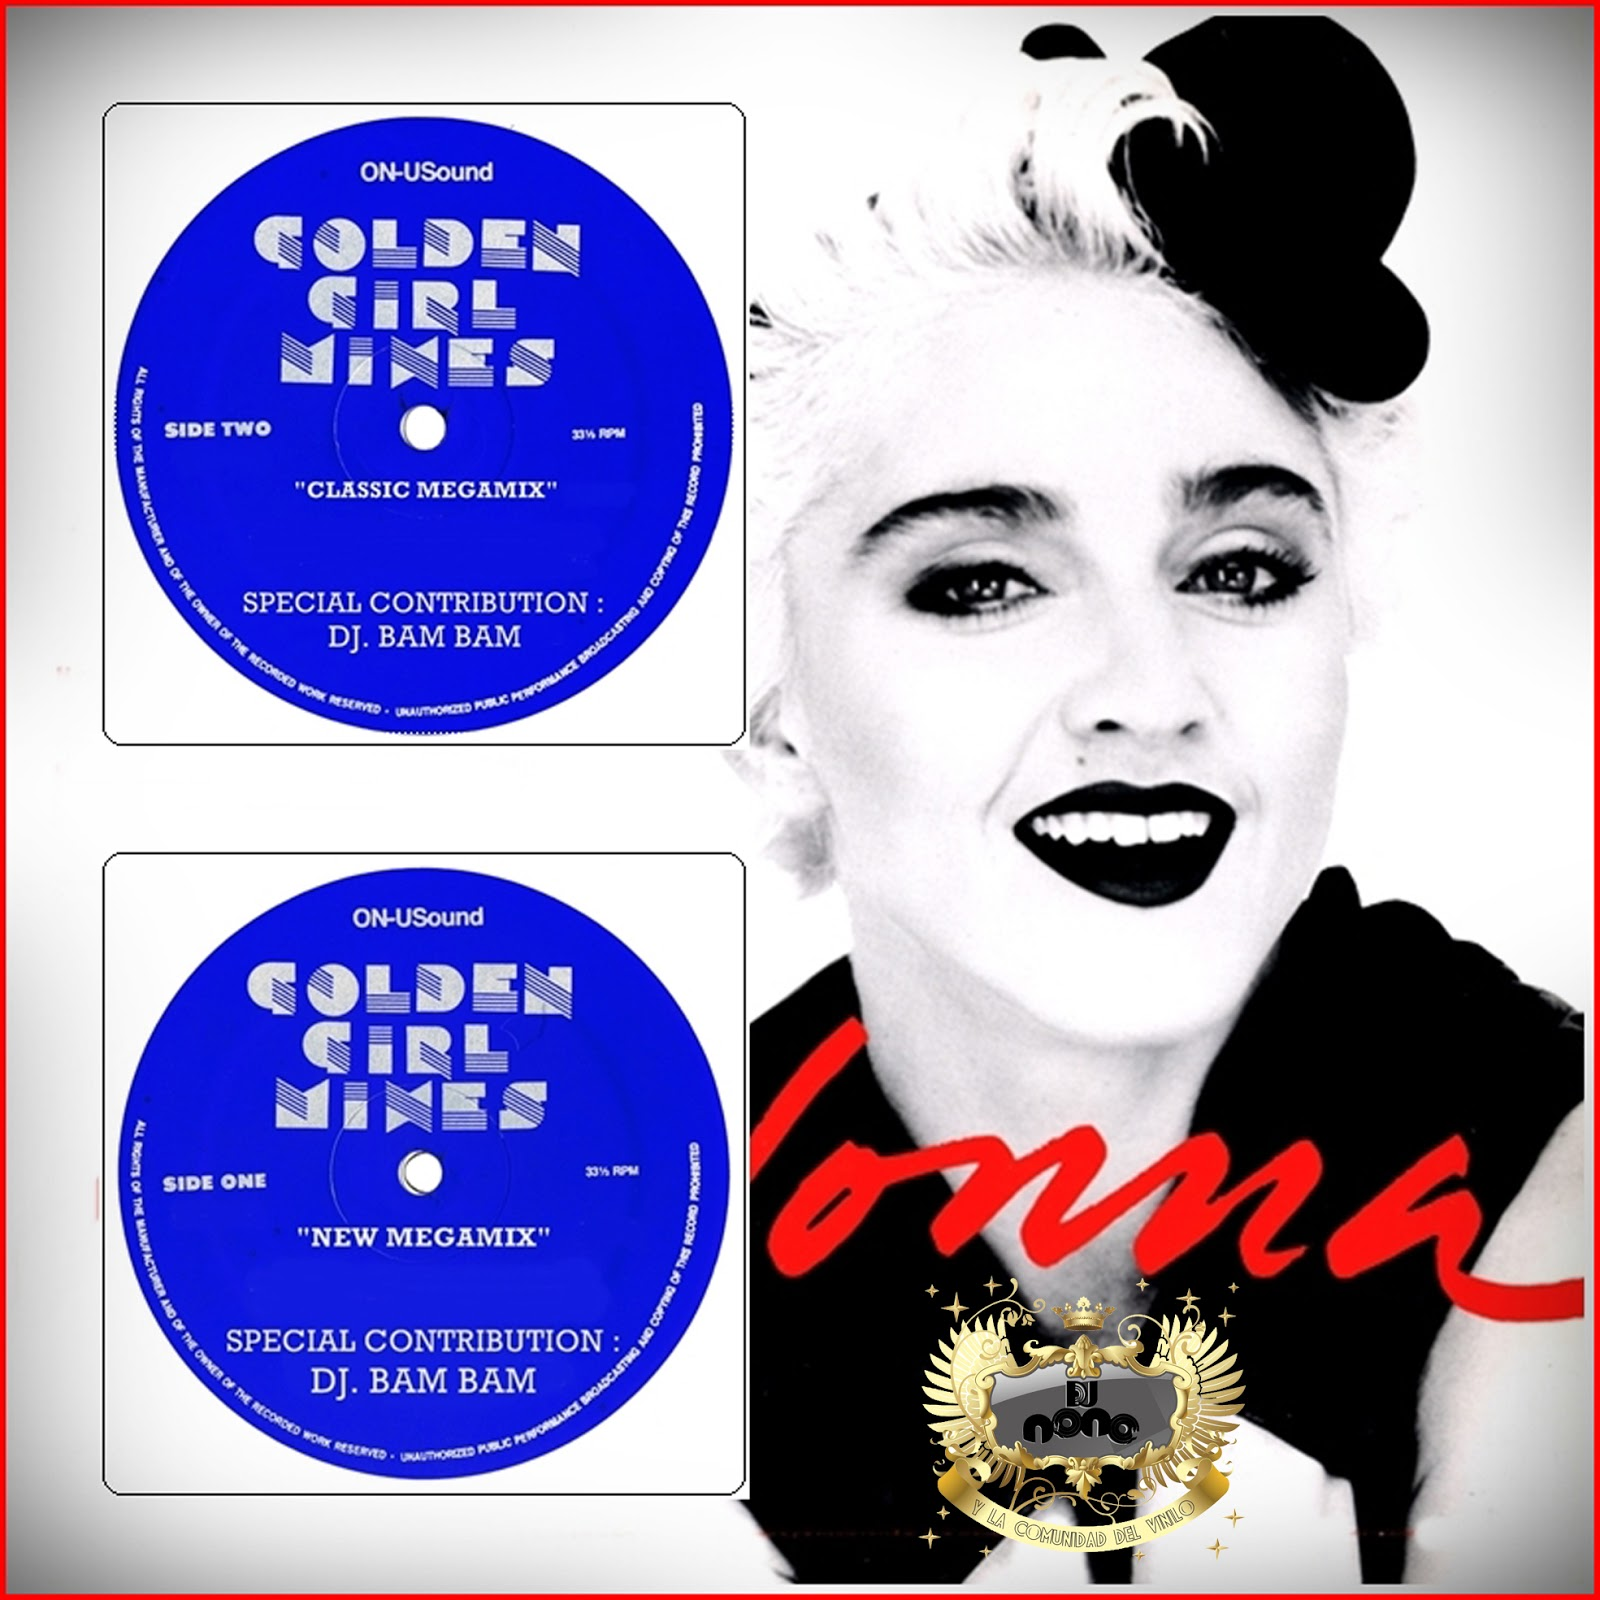 http://1.bp.blogspot.com/-uH6DPi1so-g/ULftB5kEf7I/AAAAAAAAbmI/1UPlaYp8MK4/s1600/Se%C3%B1ora+-+Golden+Girl+Mixes+-+Dj+Bam+Bam+web.jpg